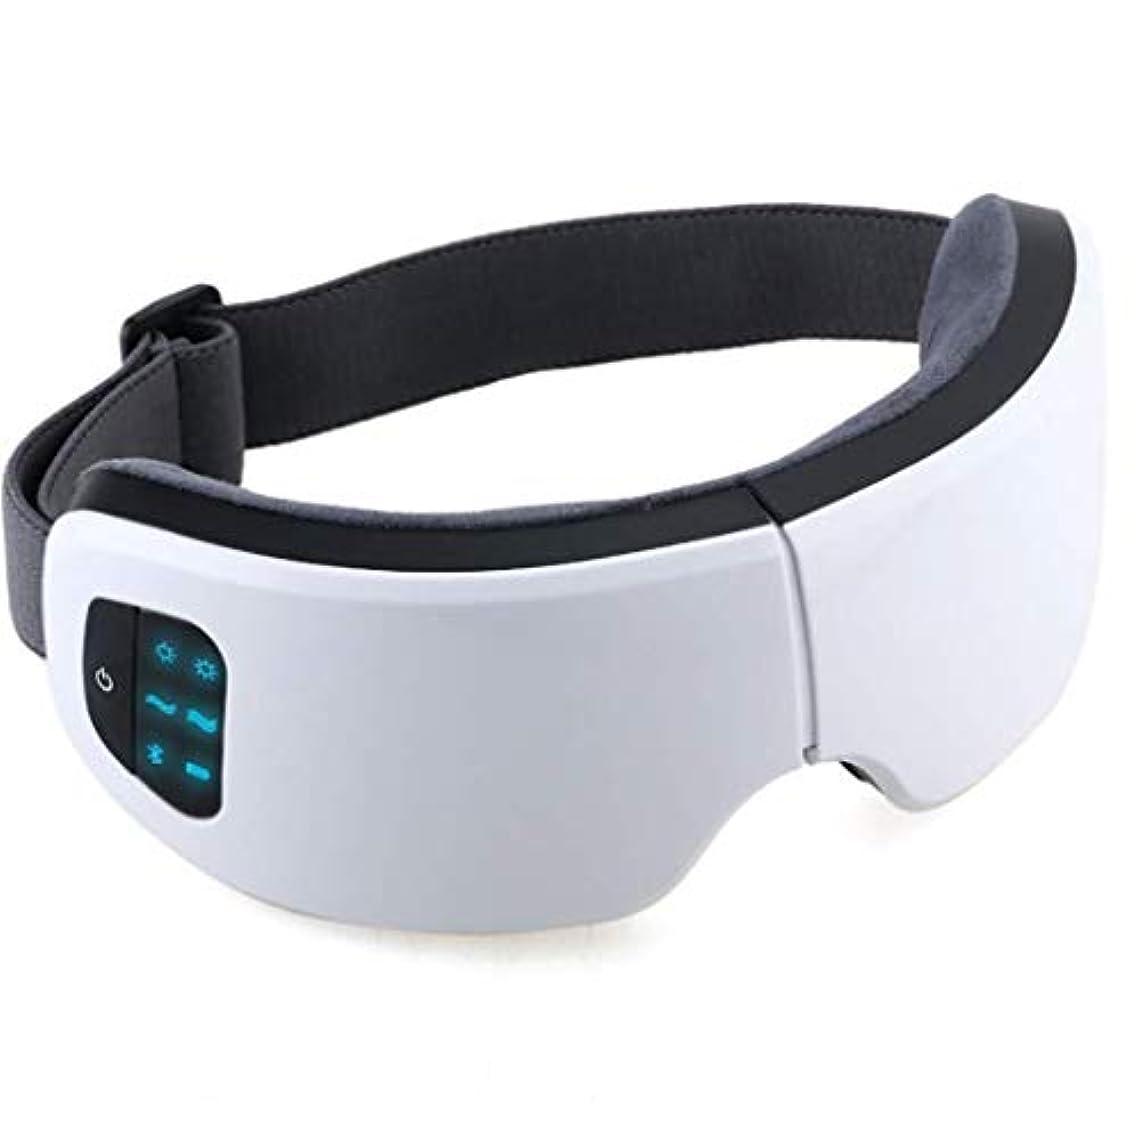 心のこもったためらう刺しますアイマッサージャー、音楽マッサージャー付き電動ポータブル指圧、加熱振動アイヘルスマッサージ、アイバッグダークサークルの改善、頭痛の緩和、スマートディスプレイ、充電式